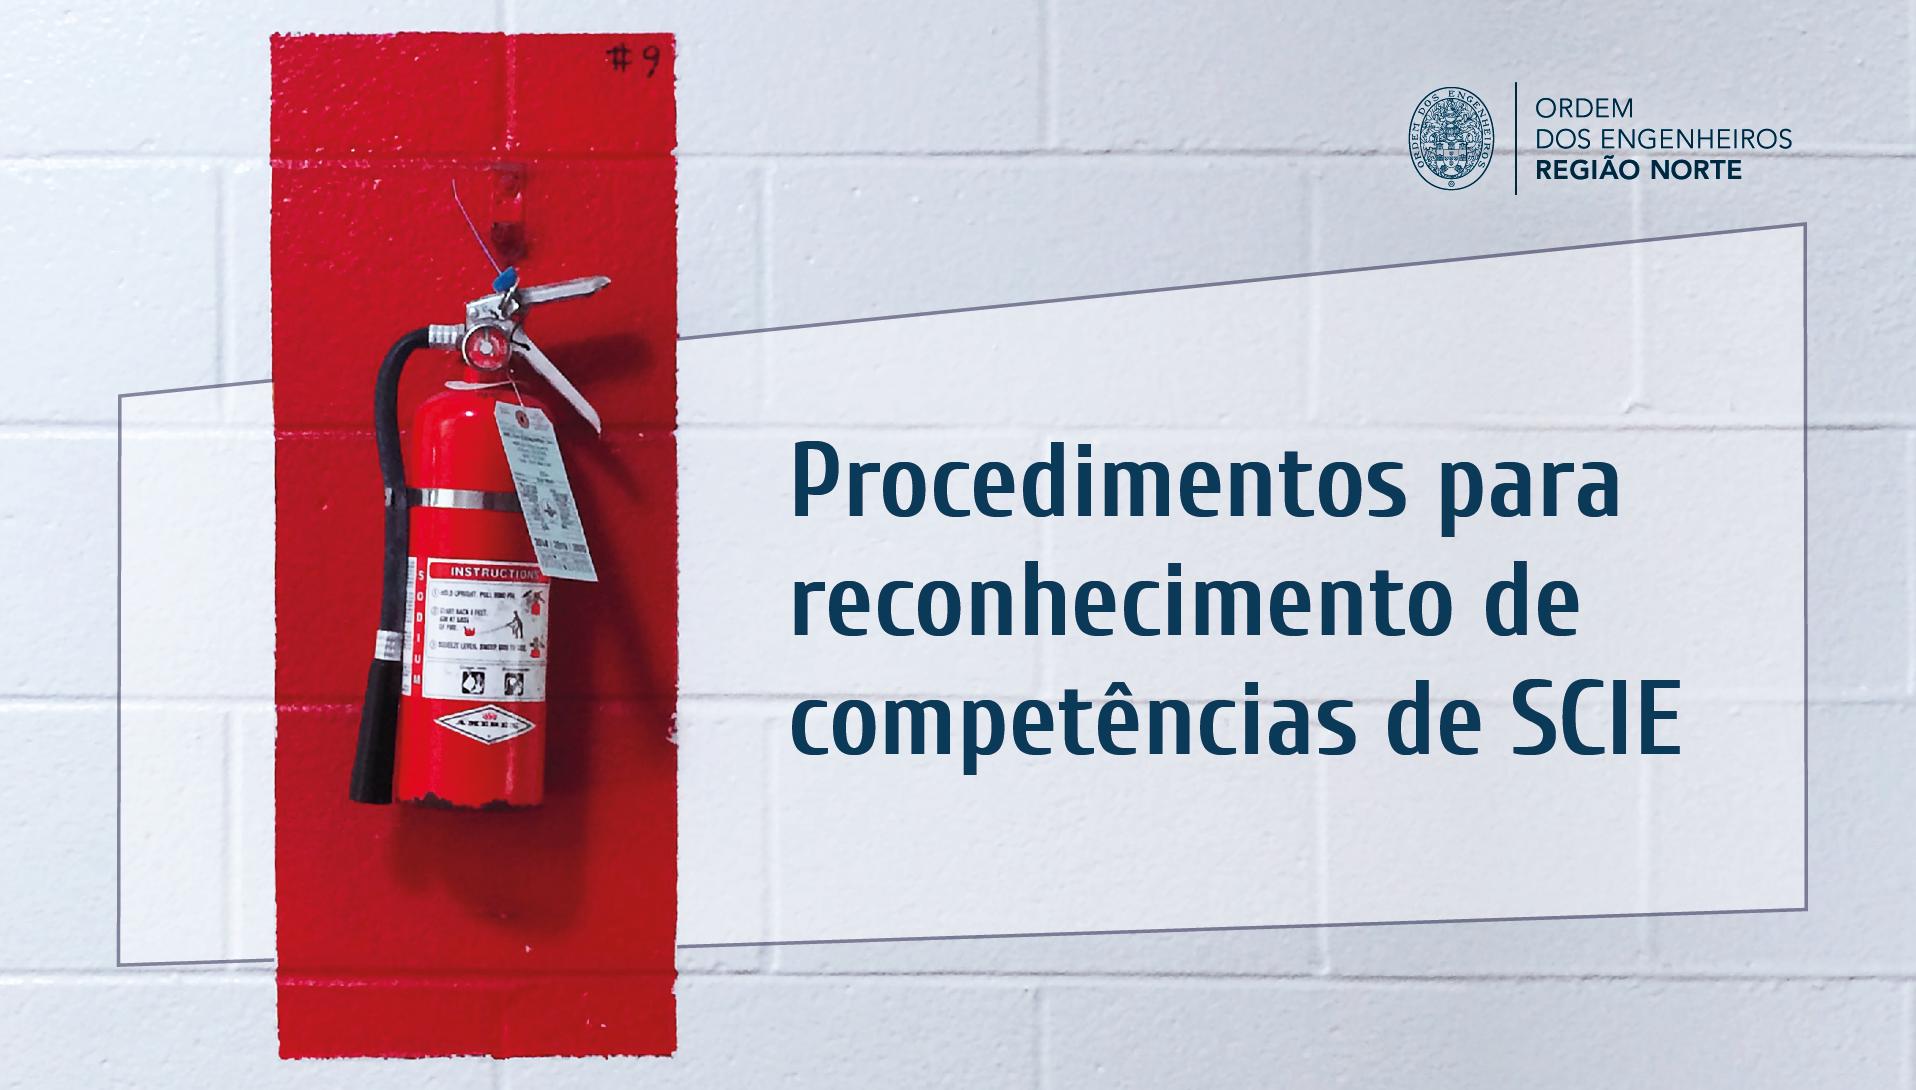 Plataforma Notícias Ordem Engenheiros Região Norte - Procedimento para reconhecimento de competências no âmbito de Segurança Contra Incêndio em Edifícios